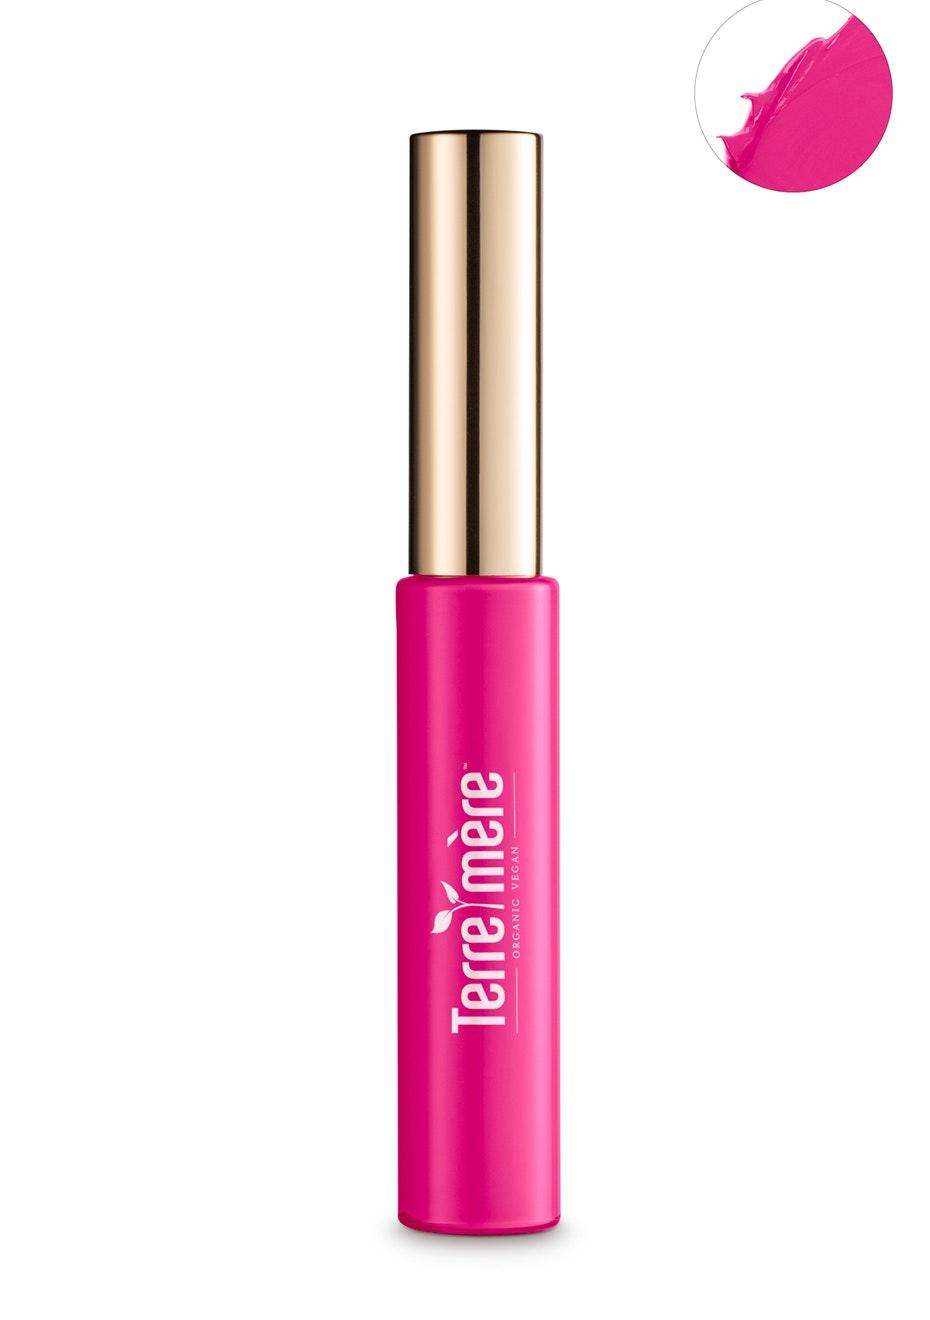 Terre Mere - Liquid Lip Cream - Fusion Pink